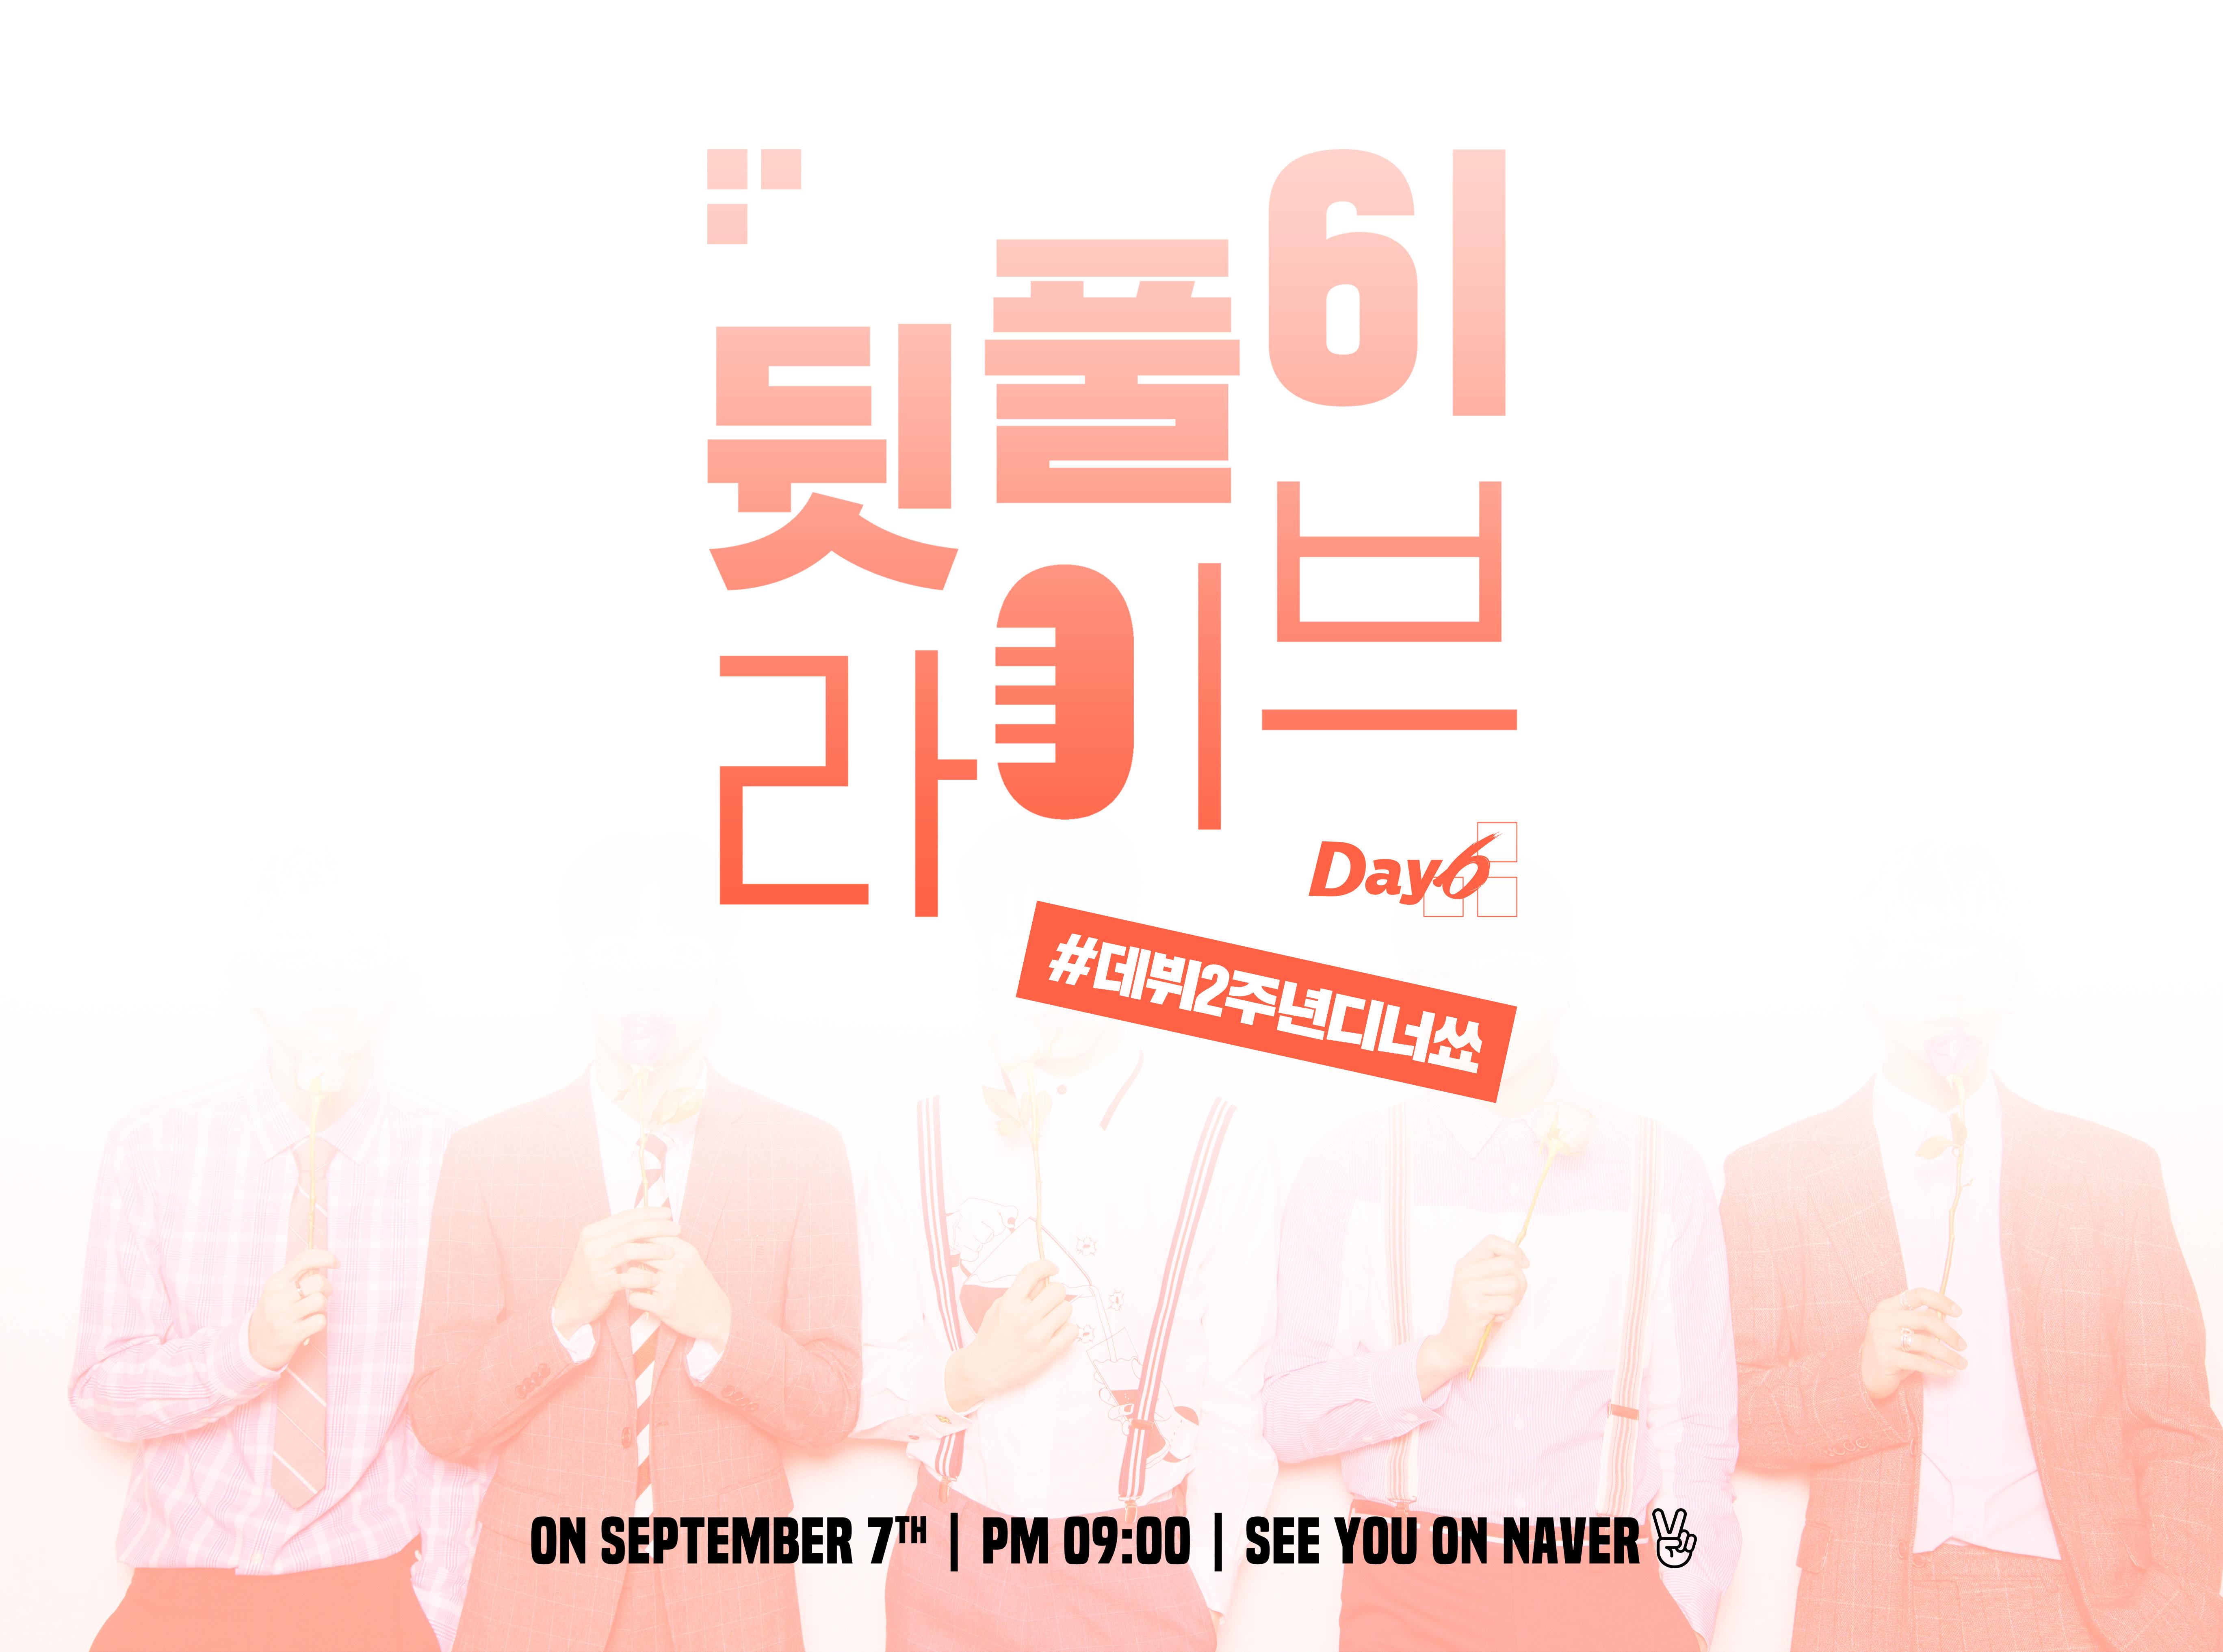 DAY6는 뒷풀이 라이브 중 EP.9 (Feat. 2주년 디너쑈)